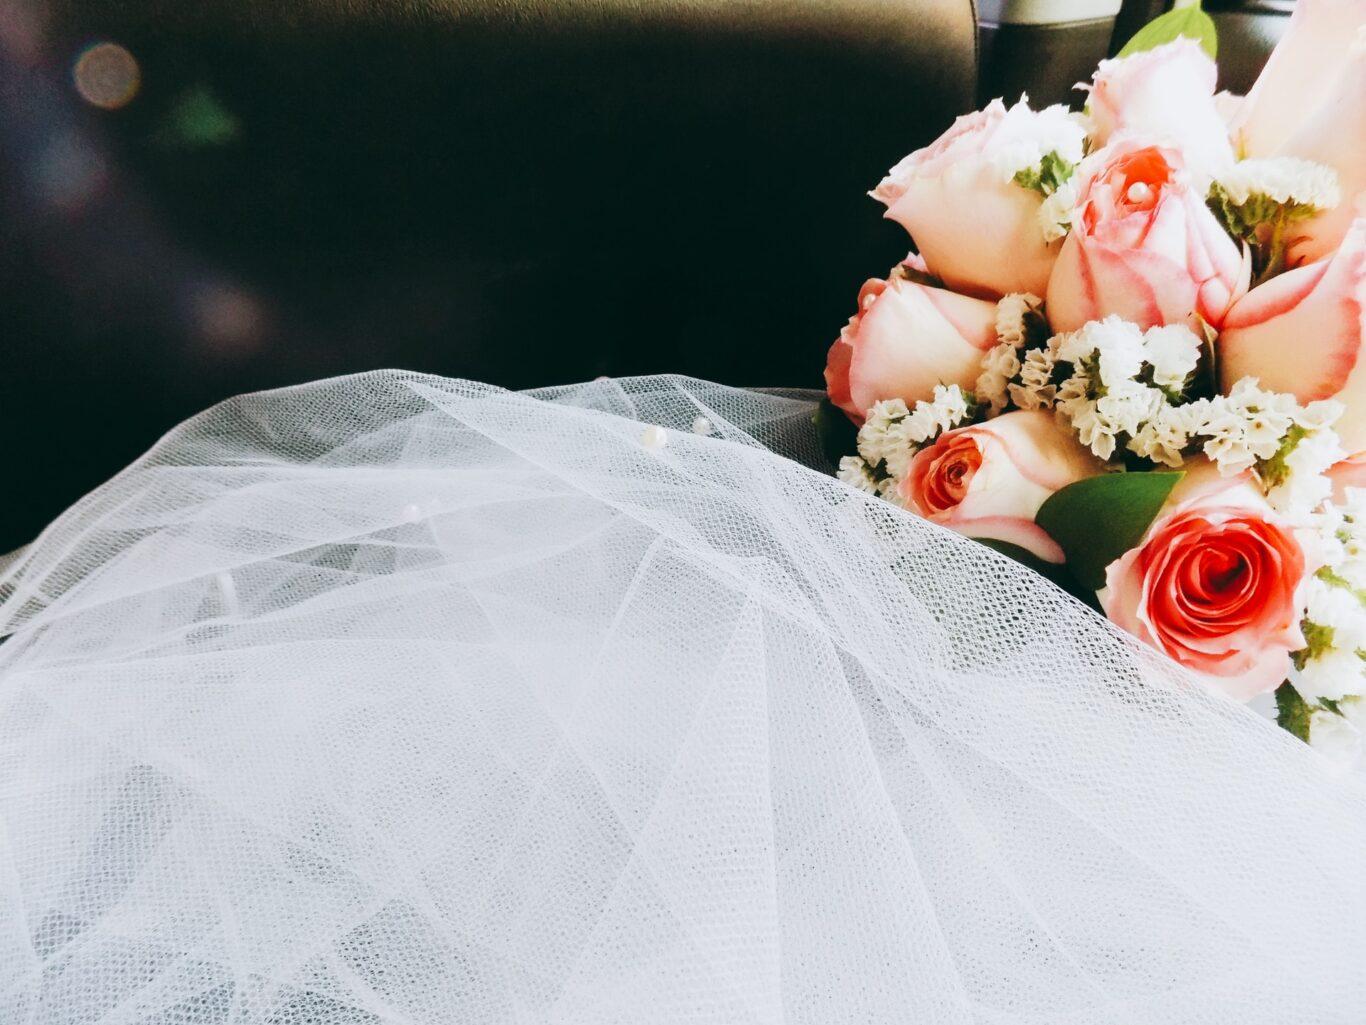 λουλούδια και στολισμός δεξίωσης